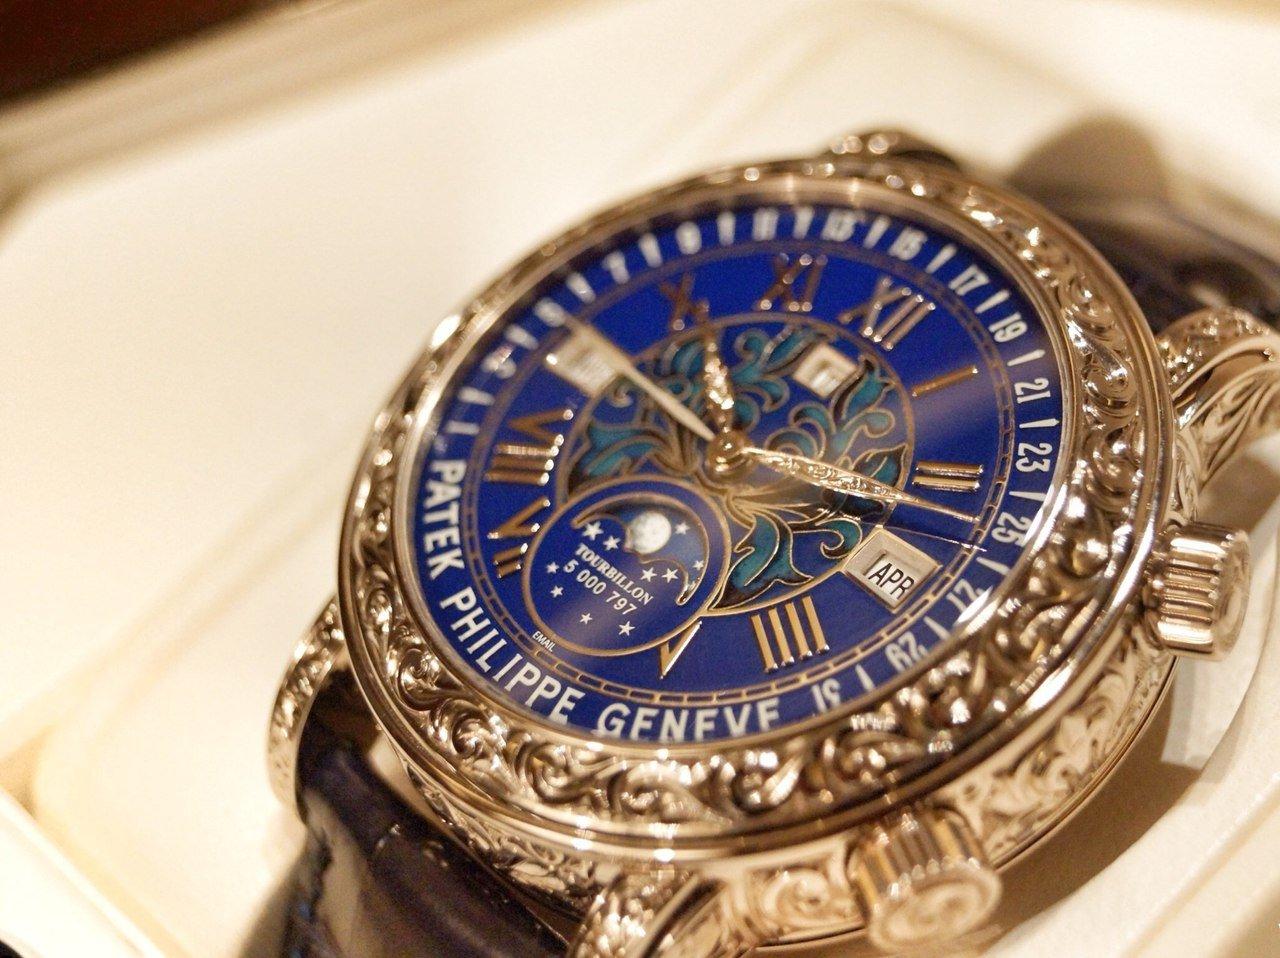 Молотке продам часы на пулково за час в стоимость парковки